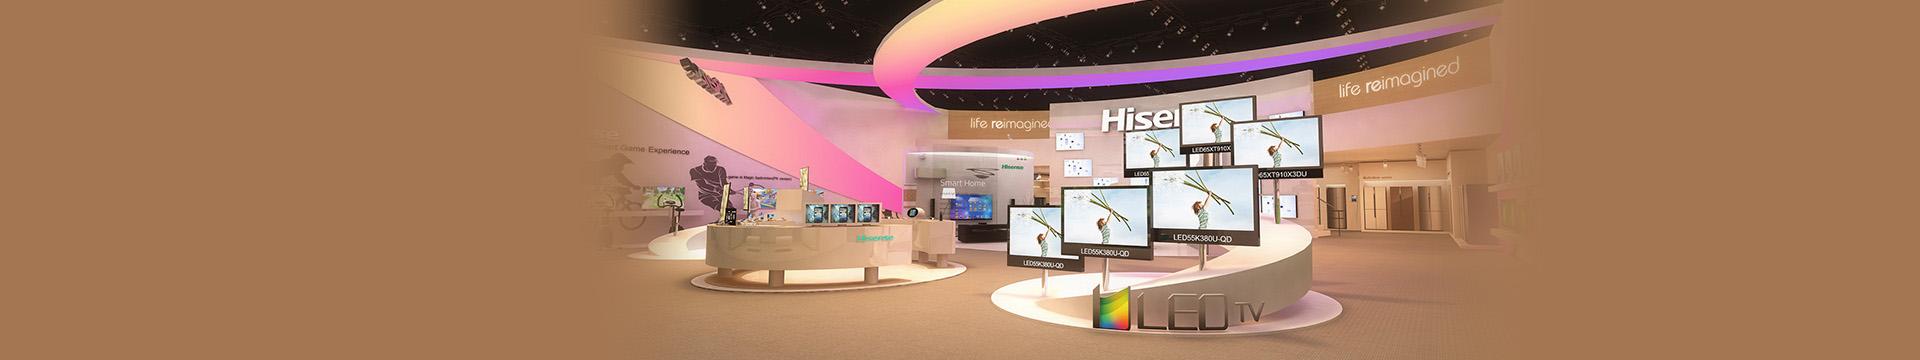 海信IFA通信通讯电器展台展台效果图案例